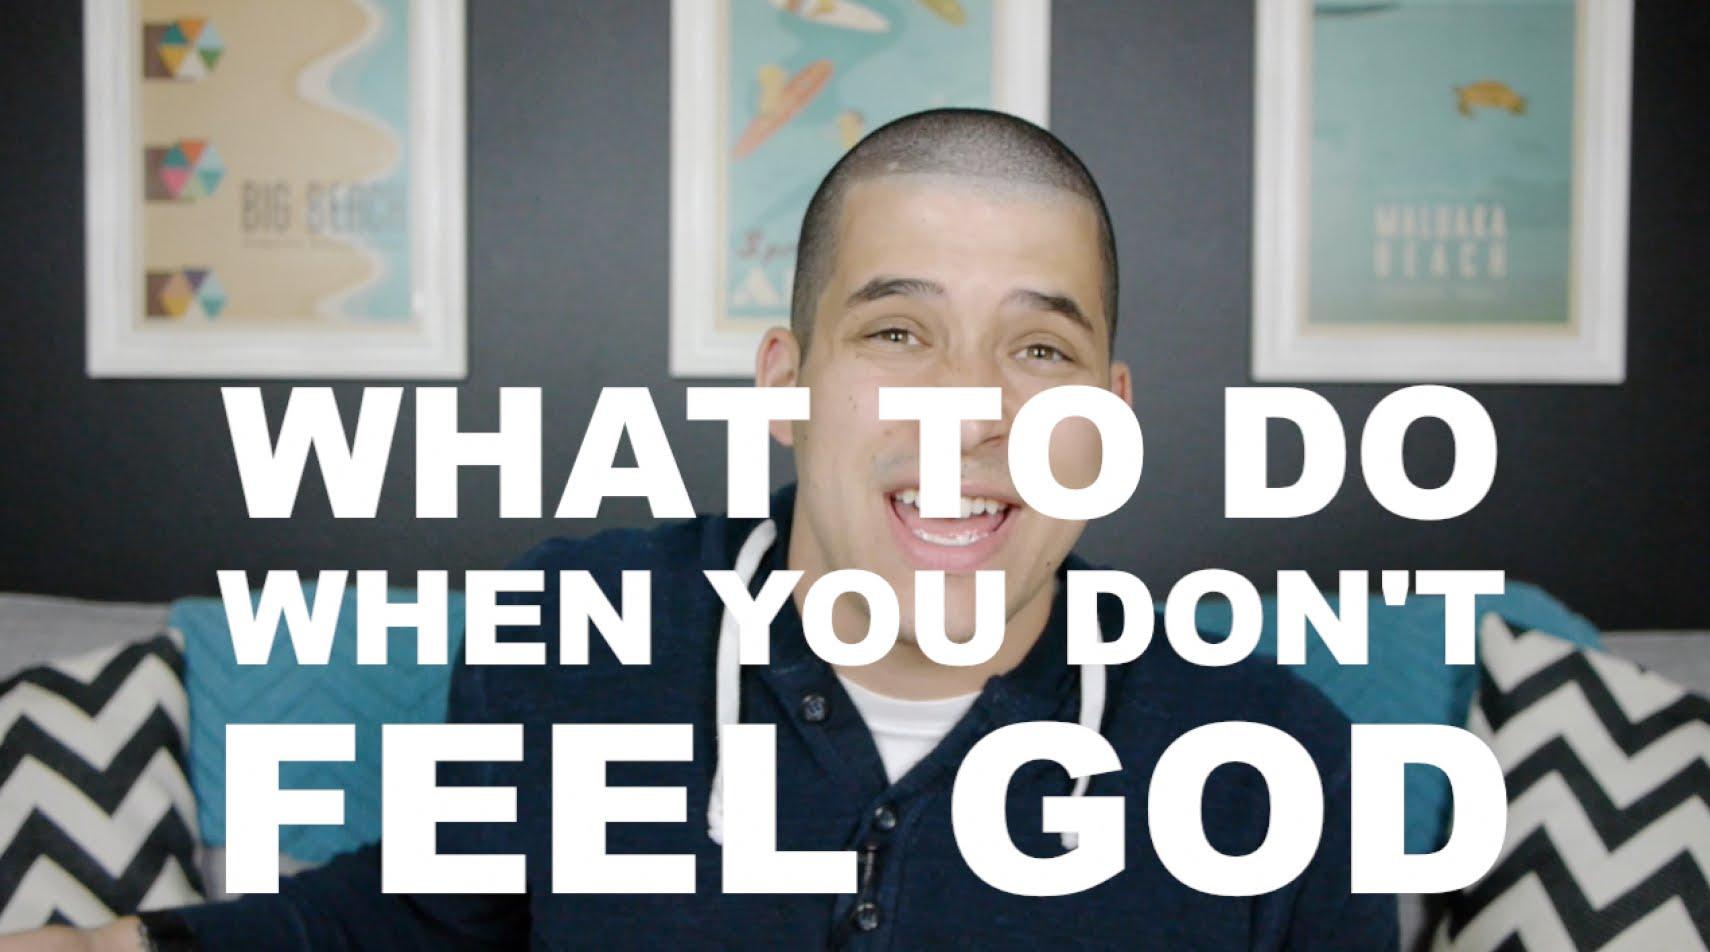 あなたが神を感じないときに何をするか